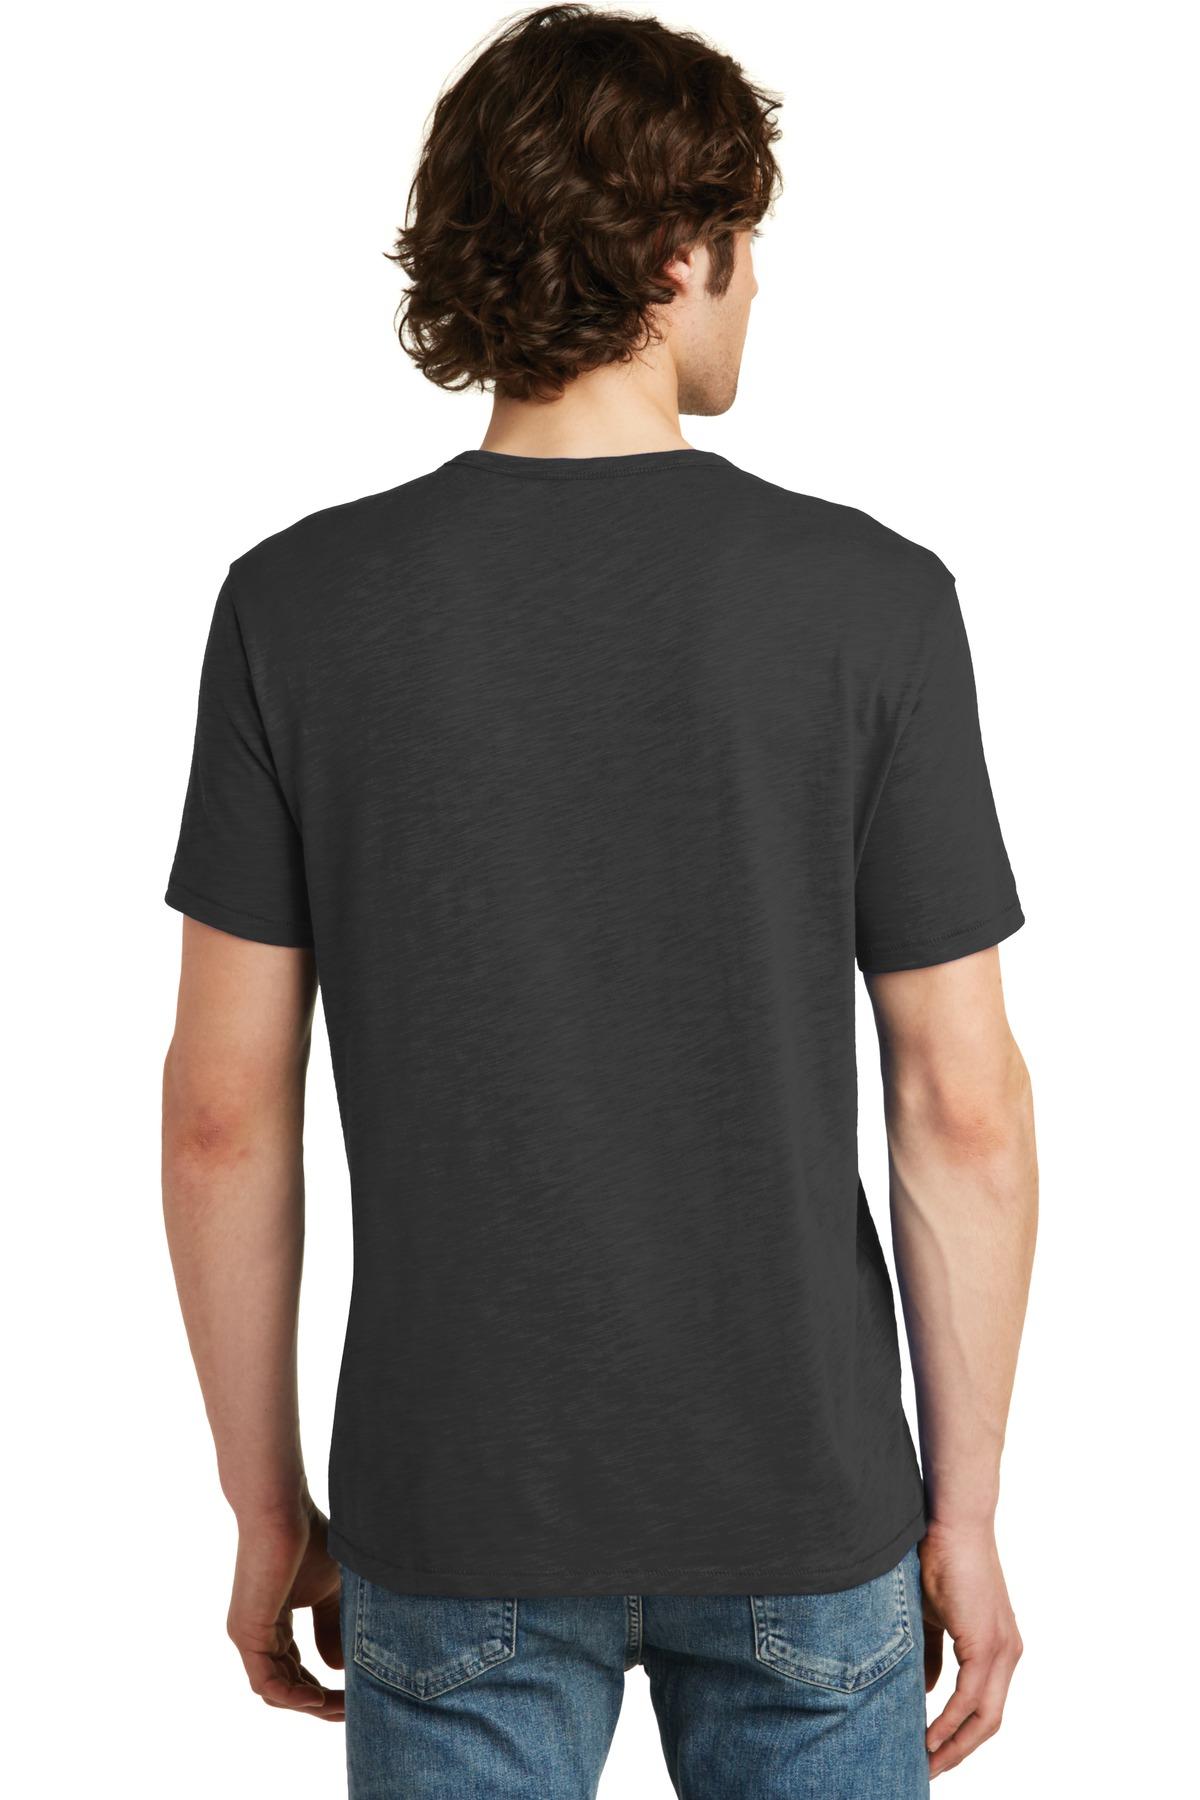 AA washedblack model back